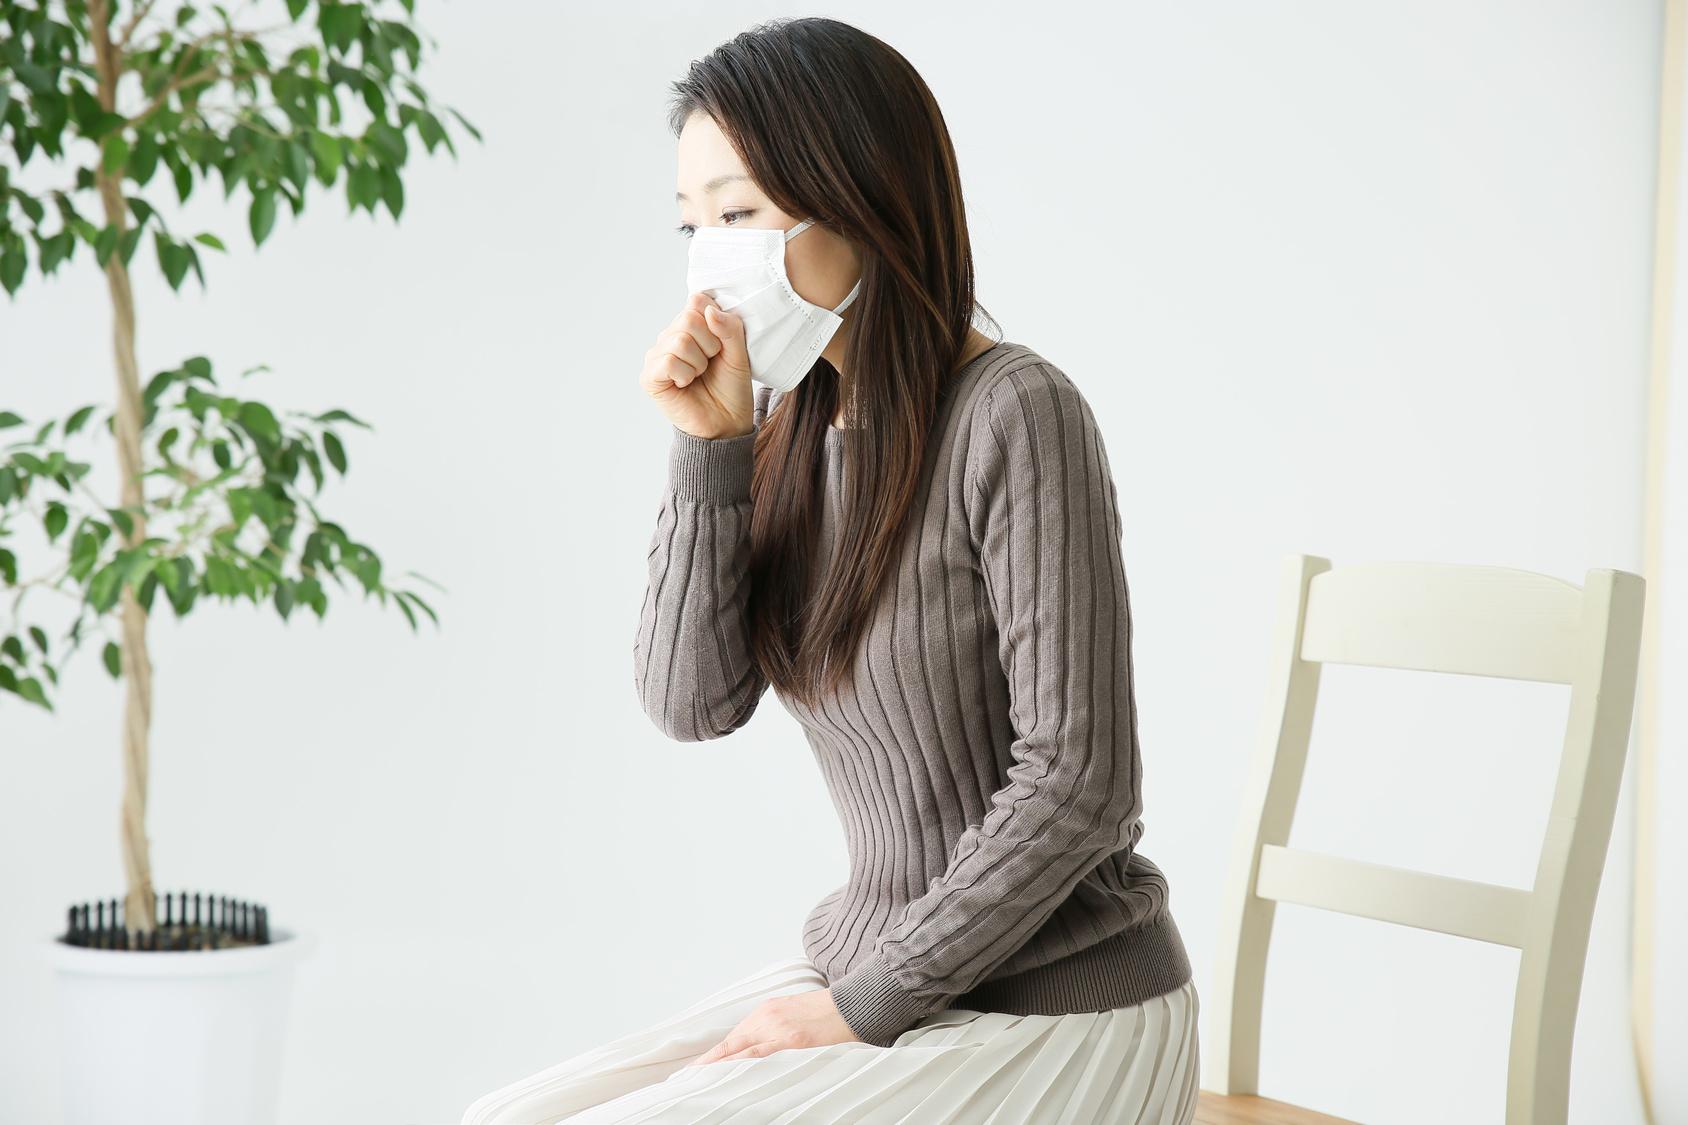 アレルギー疾患